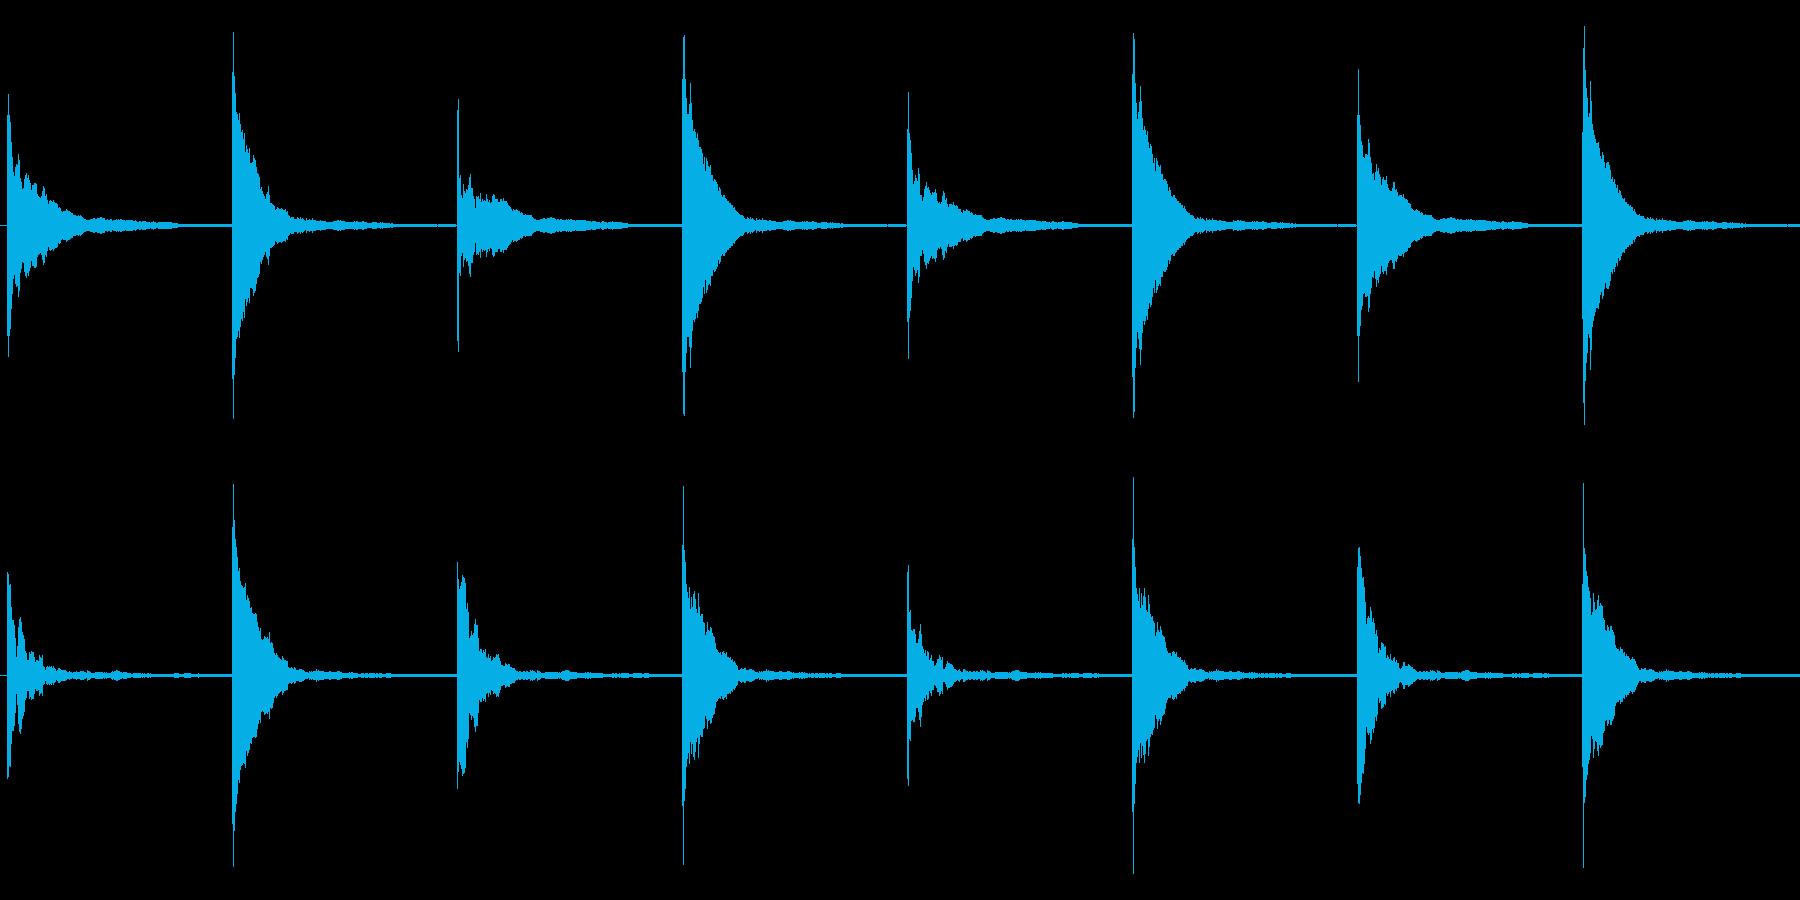 クイズ/シンキングタイム/マレットの再生済みの波形